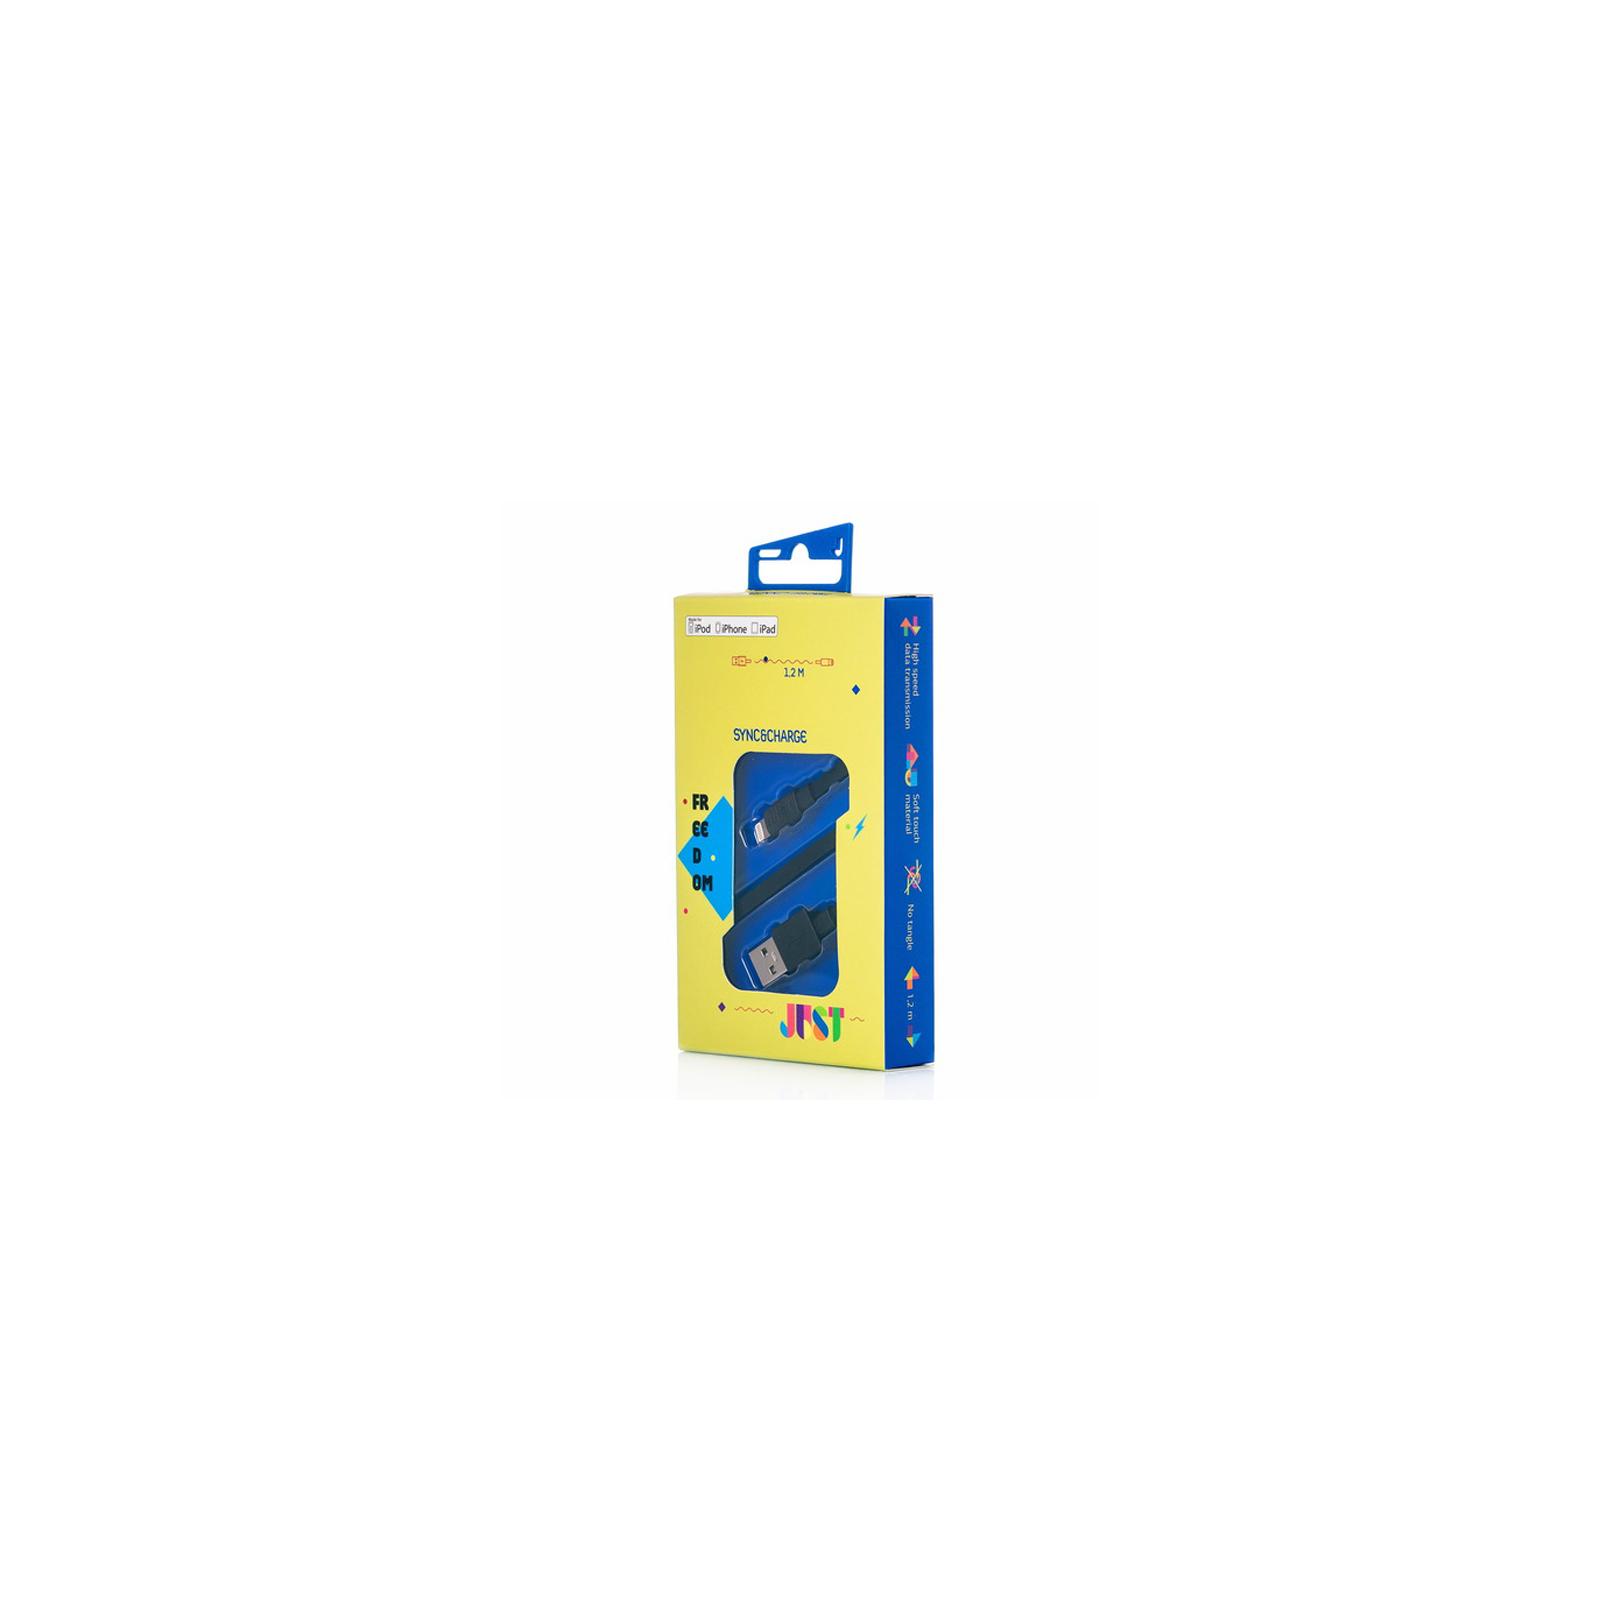 Дата кабель JUST Freedom Lightning USB Cable Black (LGTNG-FRDM-BLCK) изображение 3